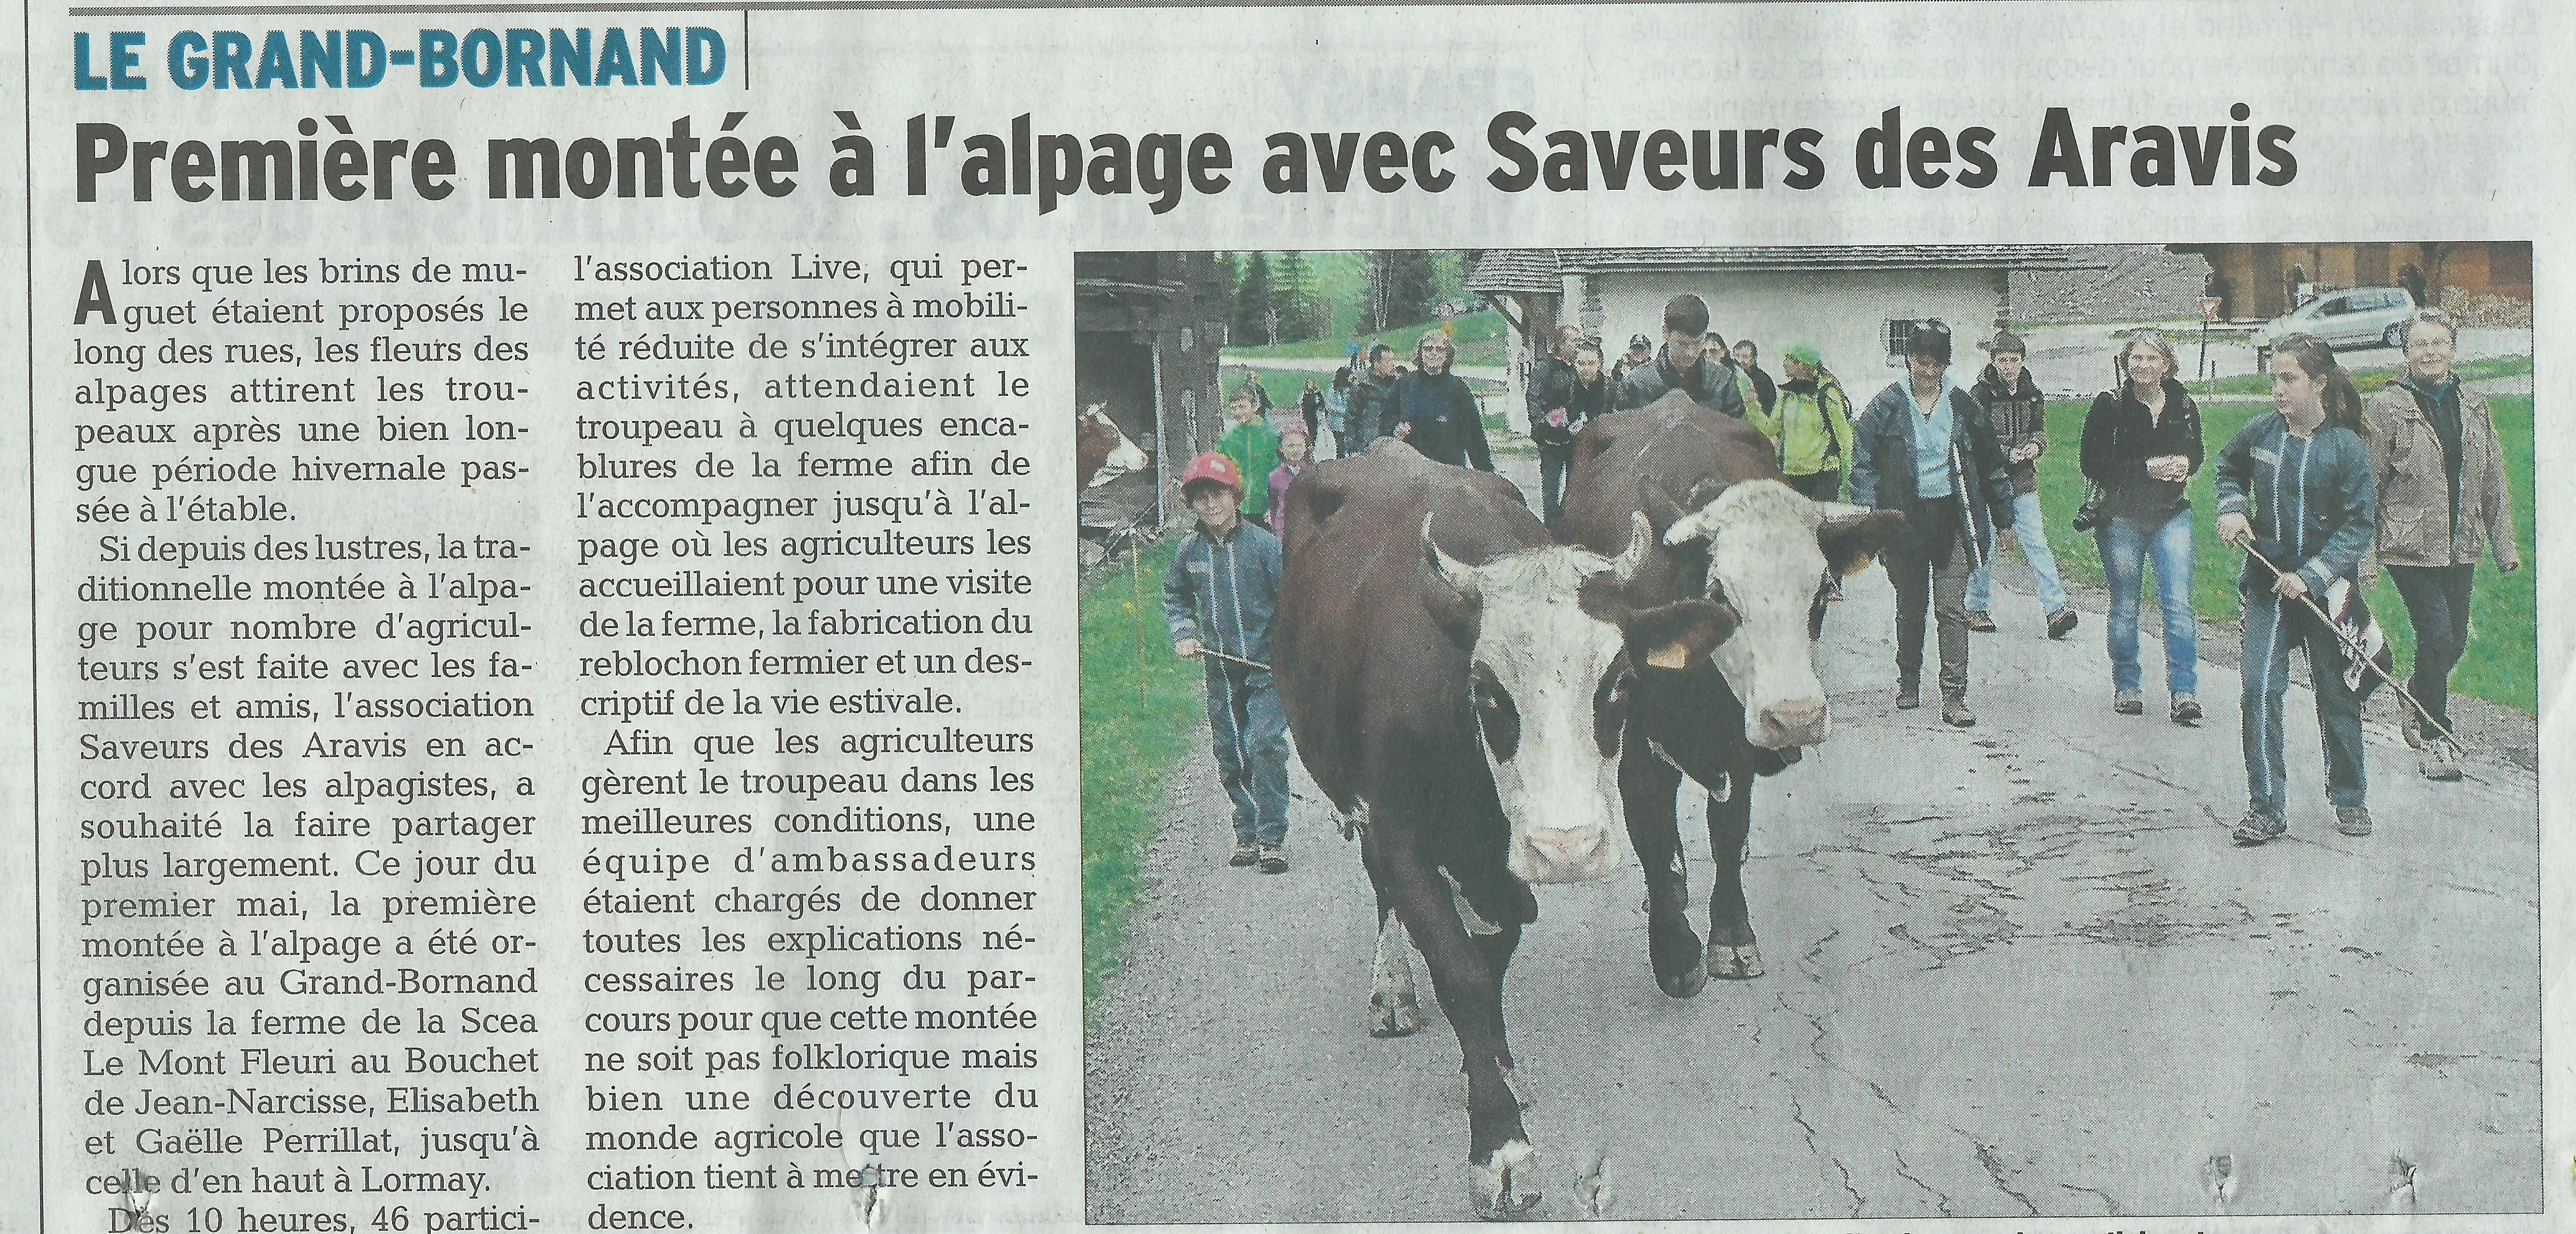 Article du Dauohiné Libéré de la Montée des Alpages avec LIVE et Saveurs des Aravis dans la vallée du Bouchet au Grand Bornand